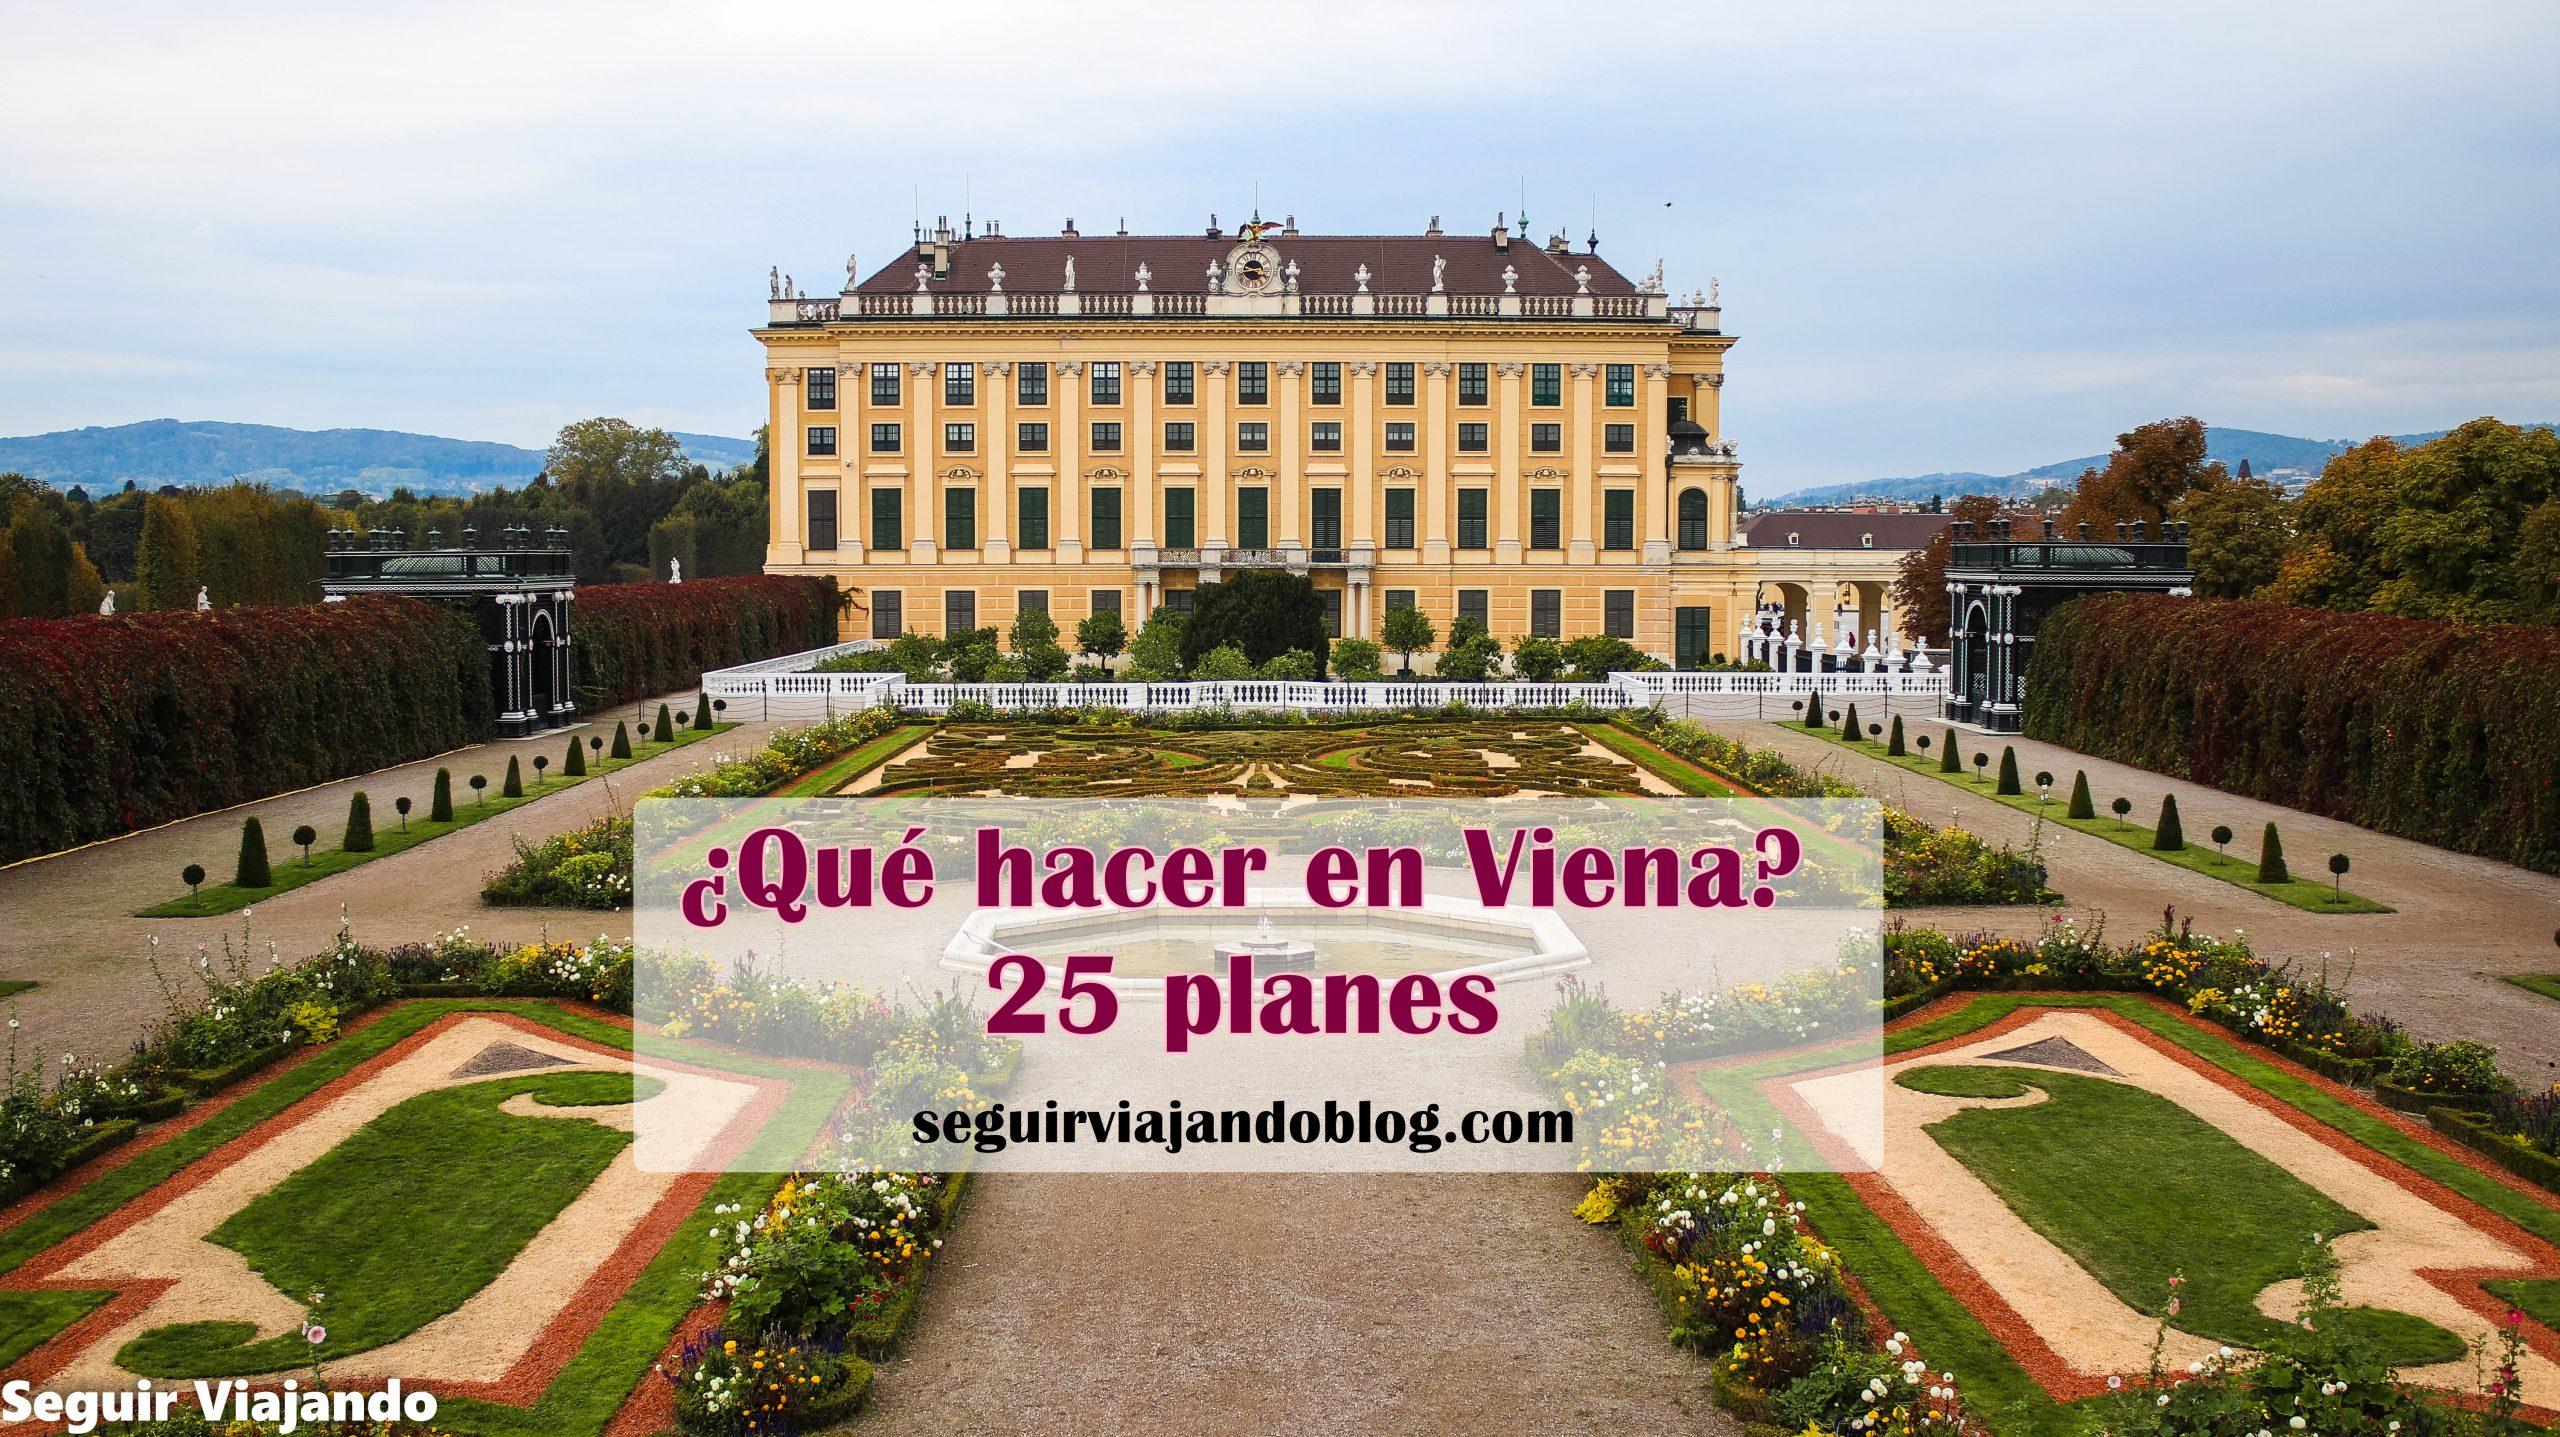 25 planes para hacer en Viena - Seguir Viajando